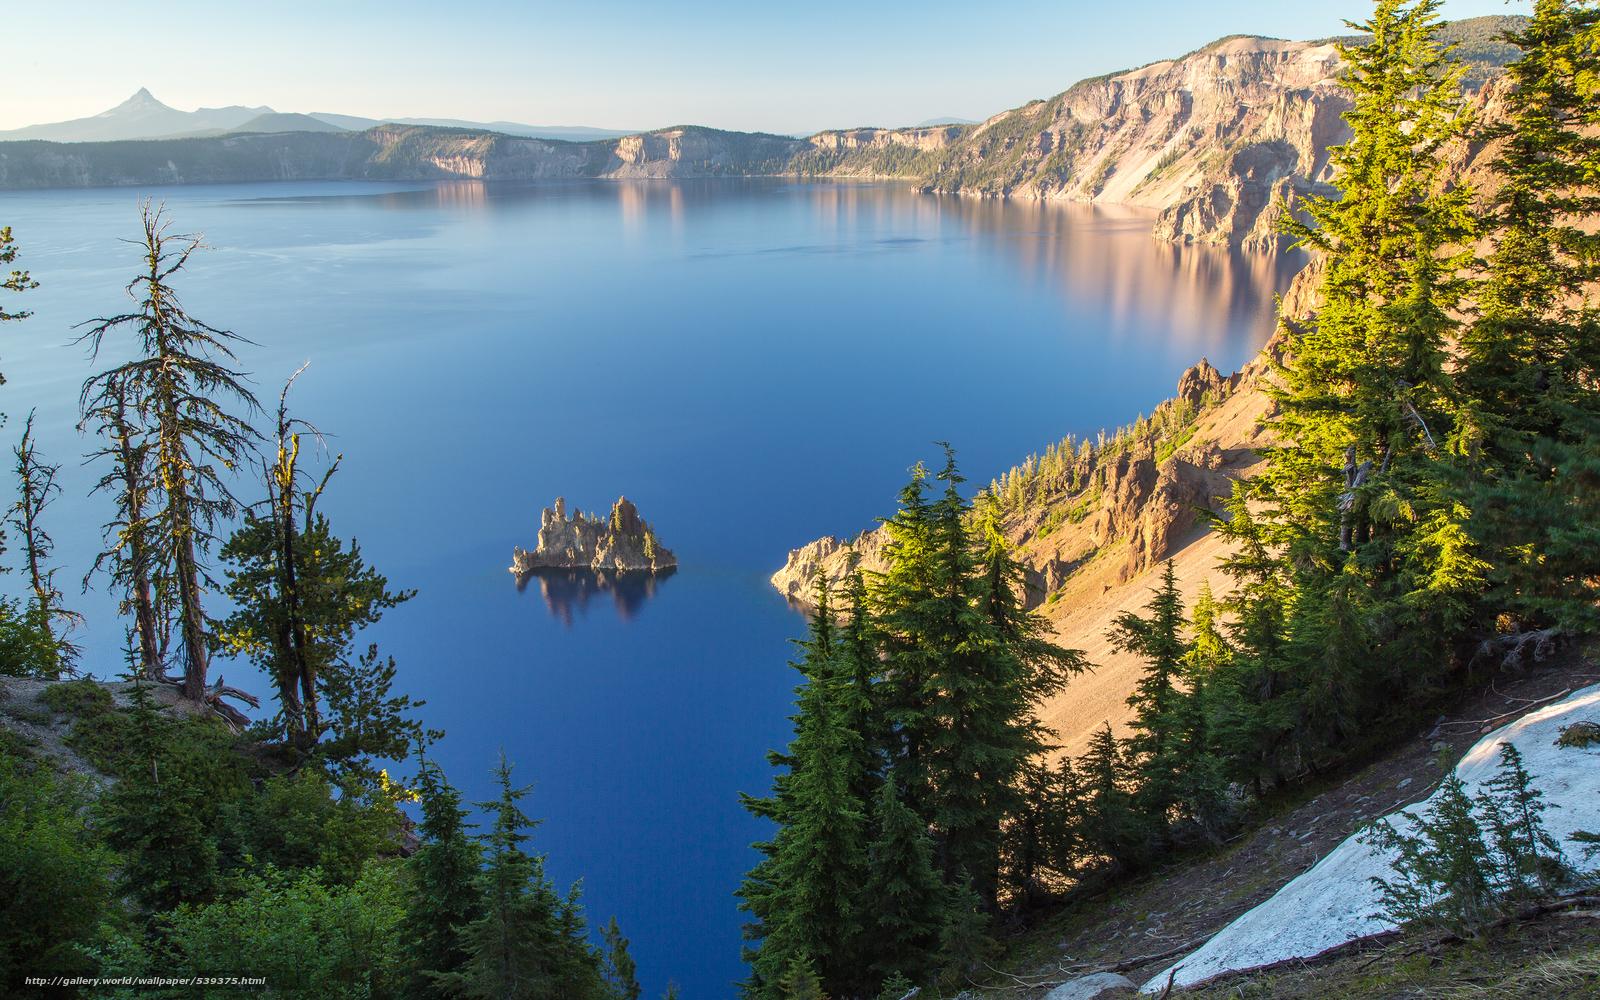 Скачать обои Кратер Лейк,  штат Орегон,  США,  озеро бесплатно для рабочего стола в разрешении 3840x2400 — картинка №539375